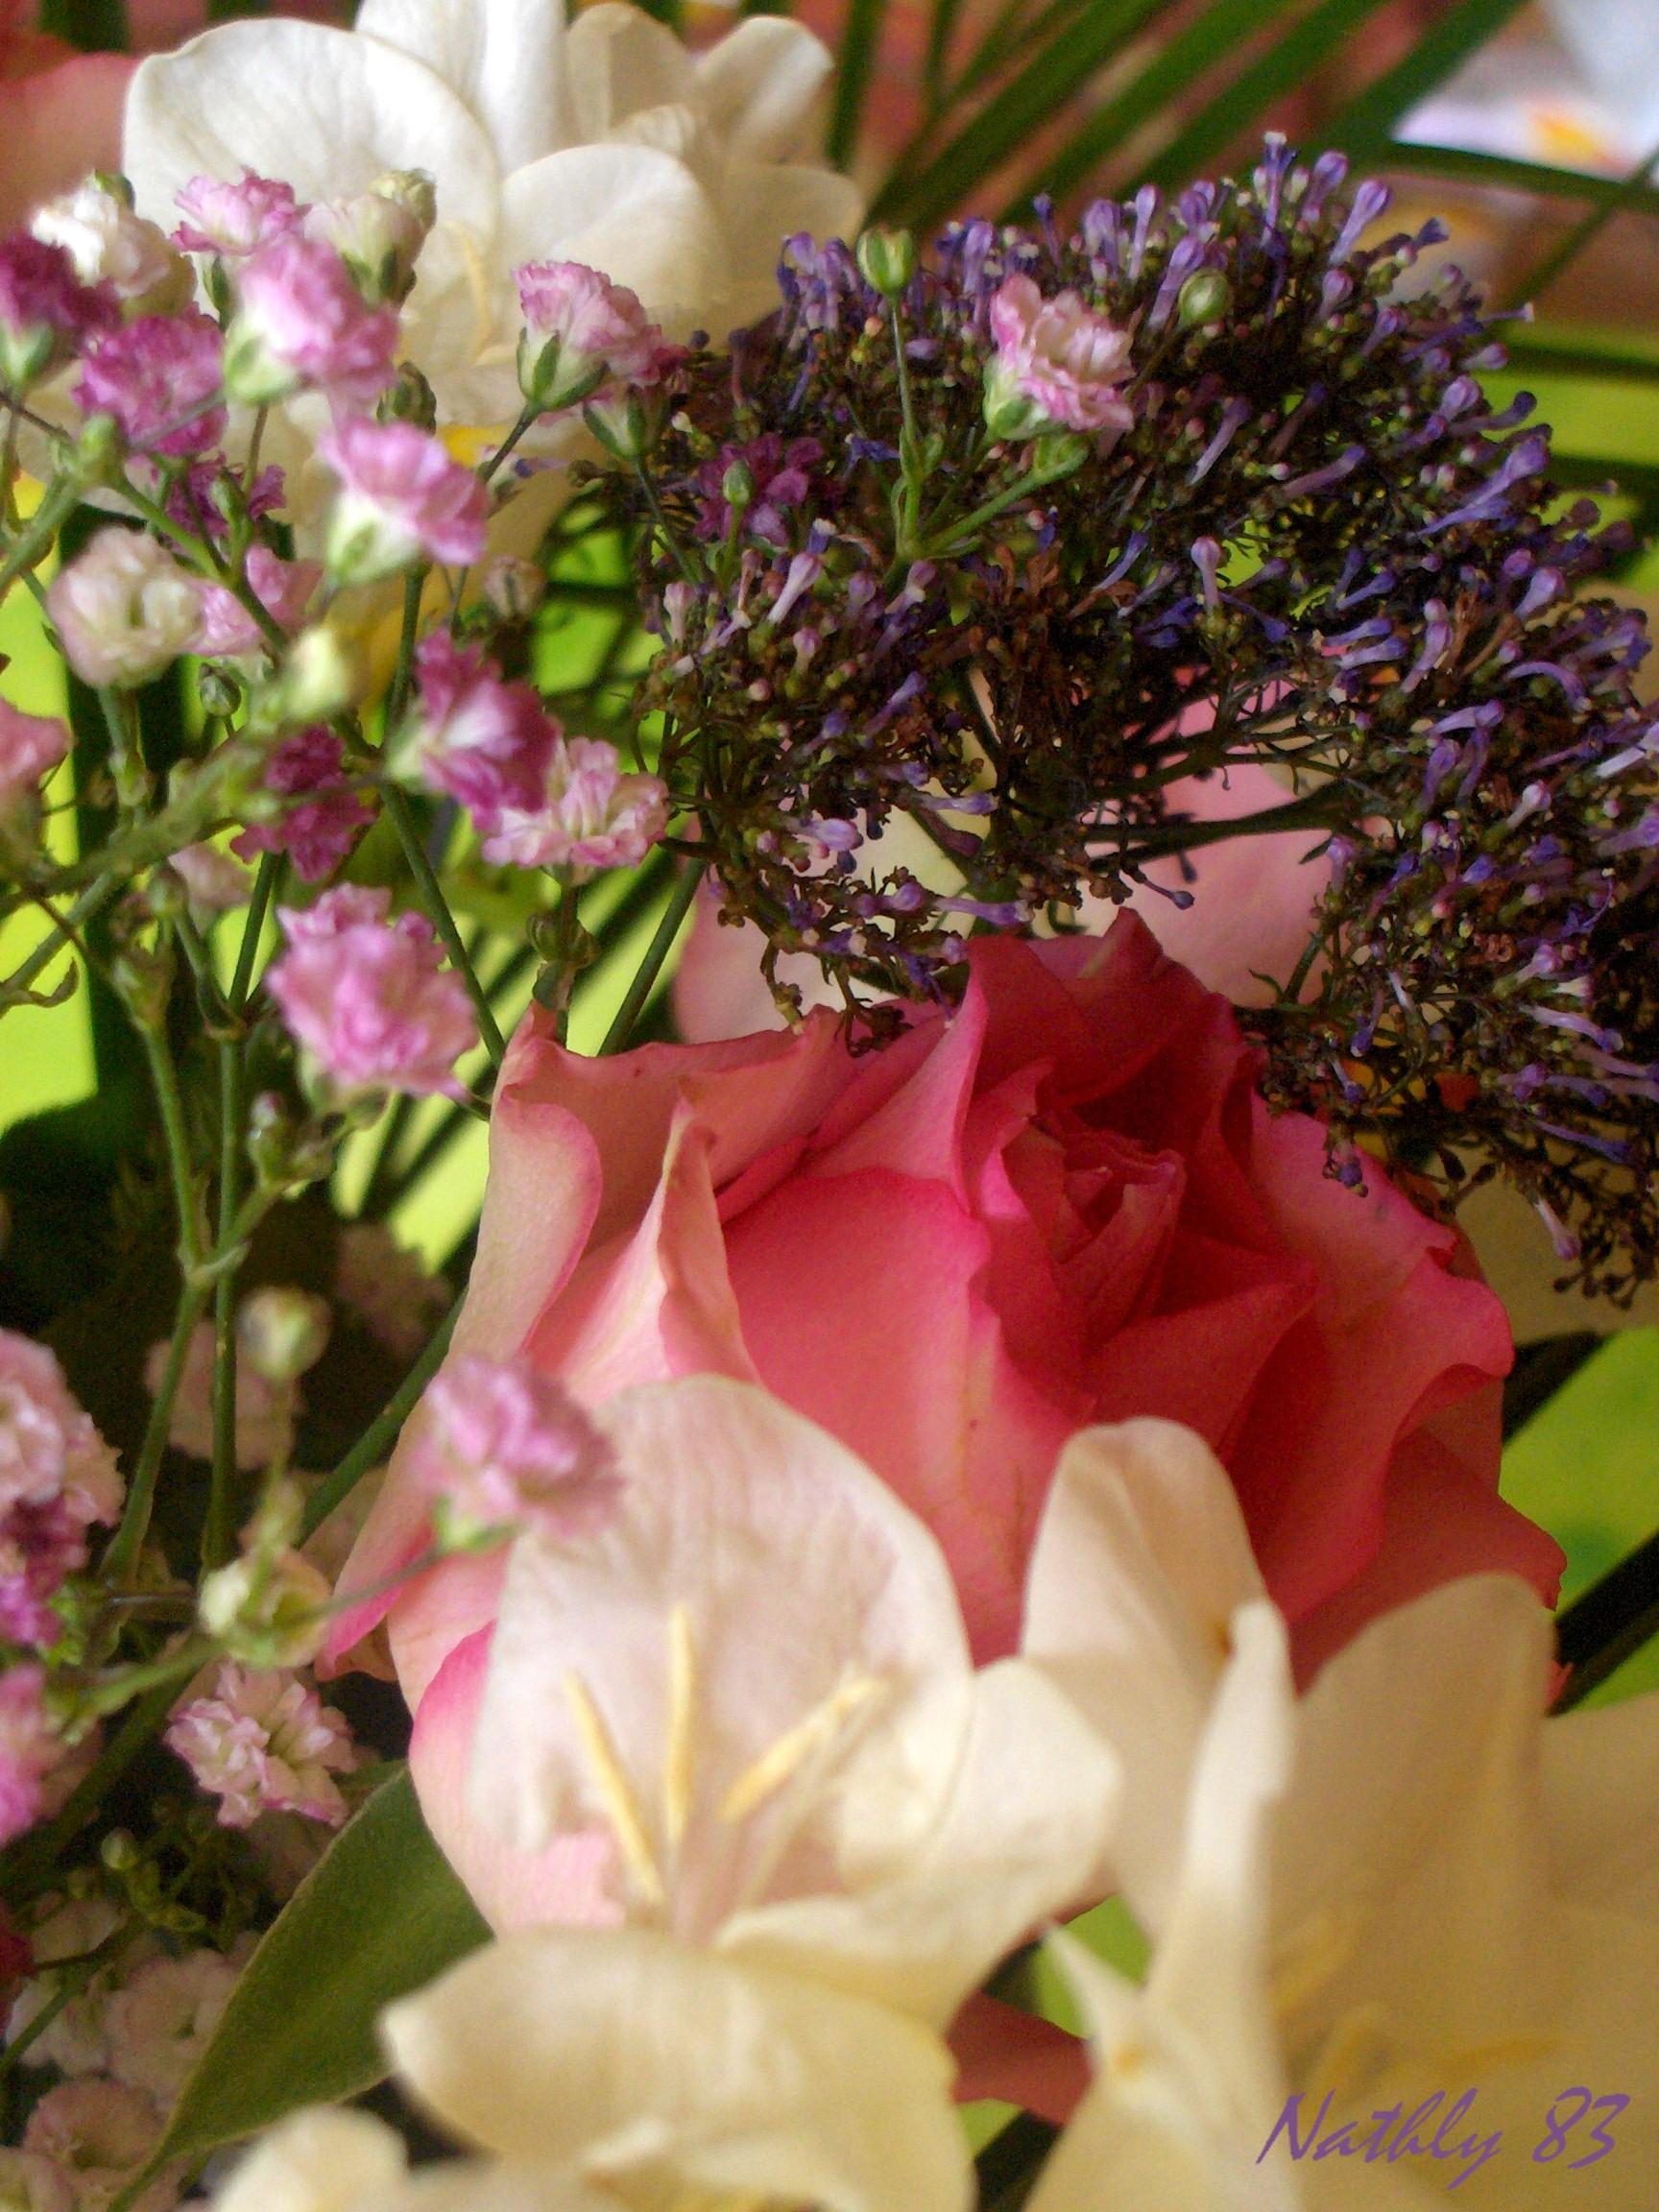 bouquetdu7fvrier07016.jpg